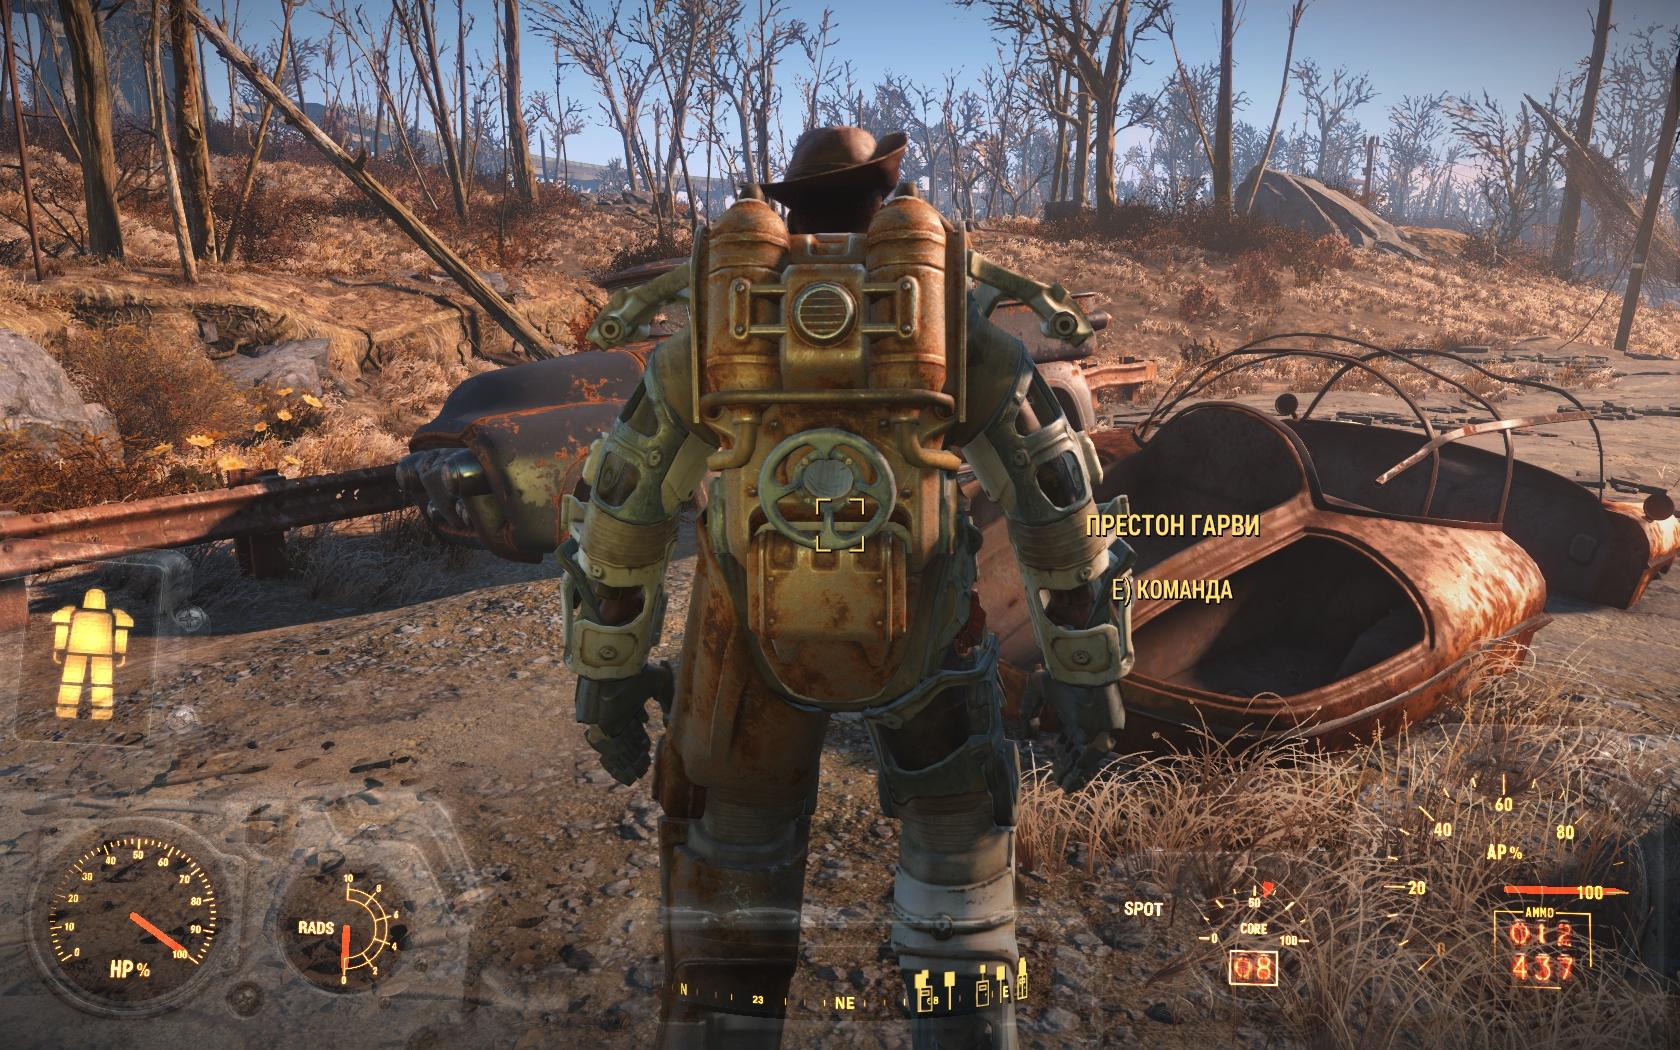 Престону не нужен ядерный блок для силовой брони - по команде и так залез - Fallout 4 силовая броня